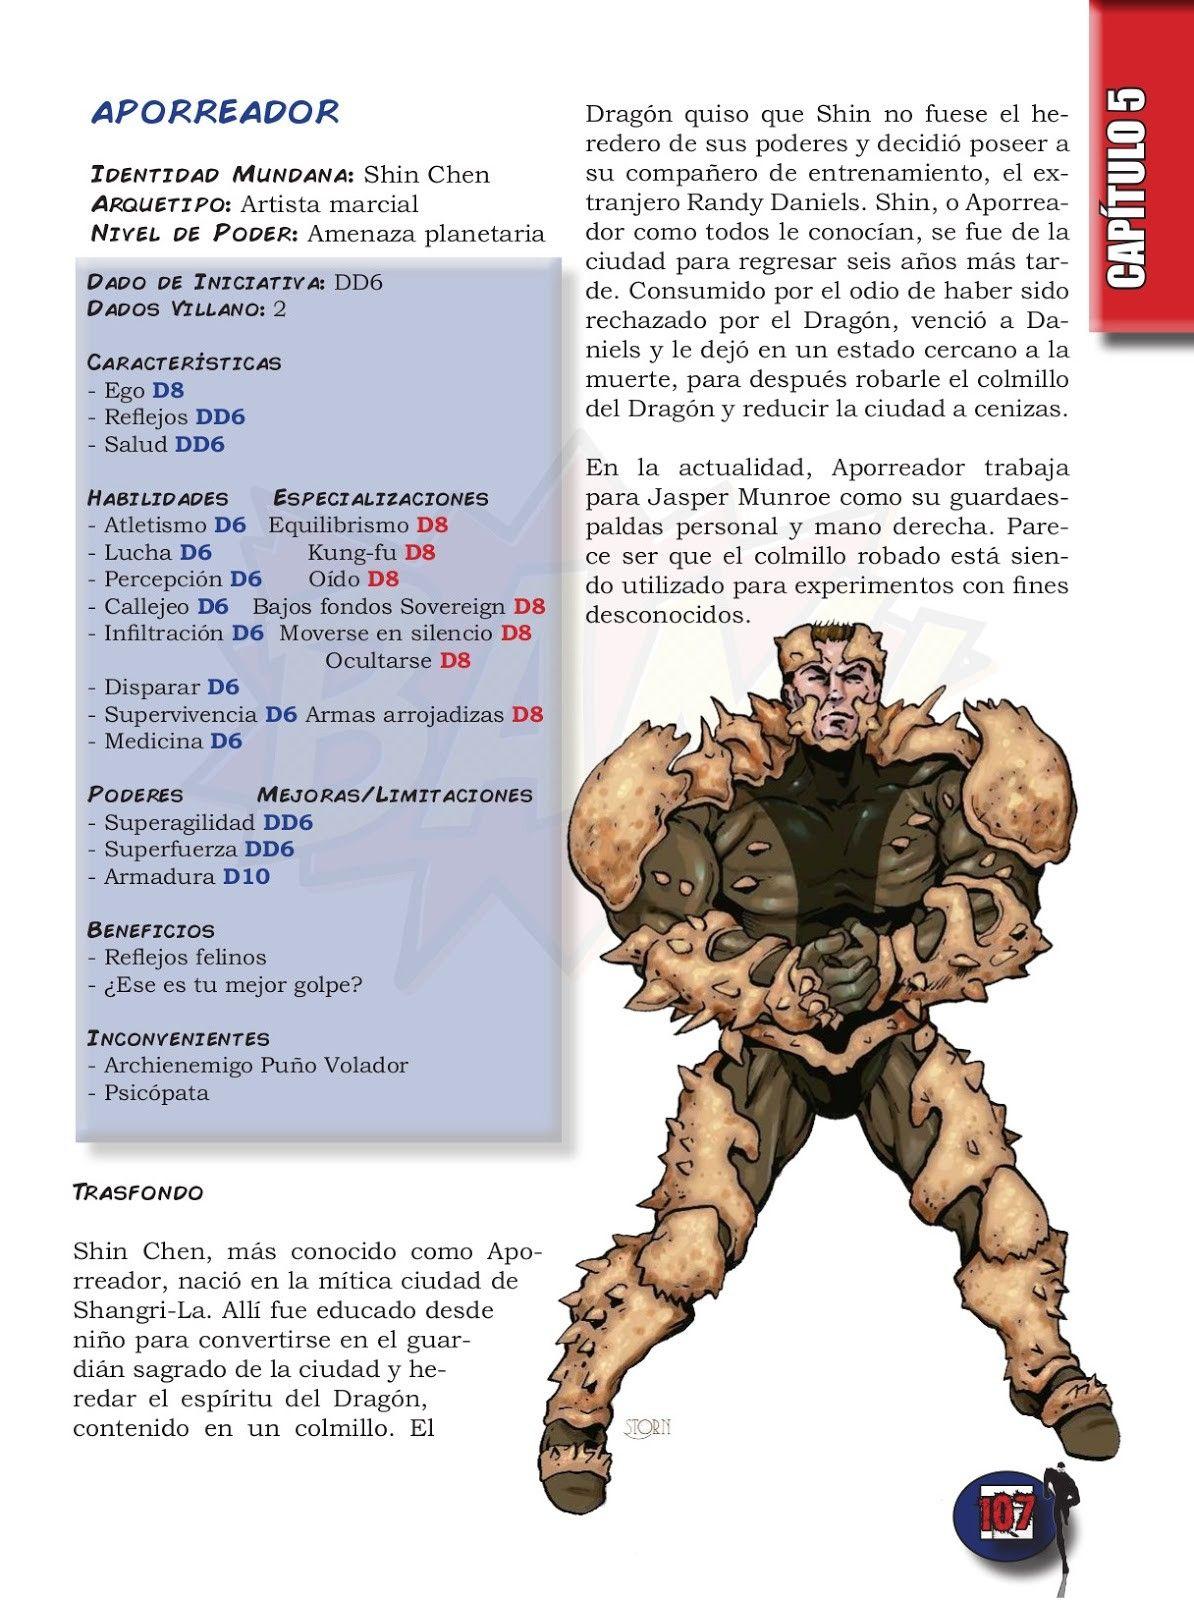 Pin De Aylmun En Diseño Marvel Películas De Animación Compañero De Entrenamiento